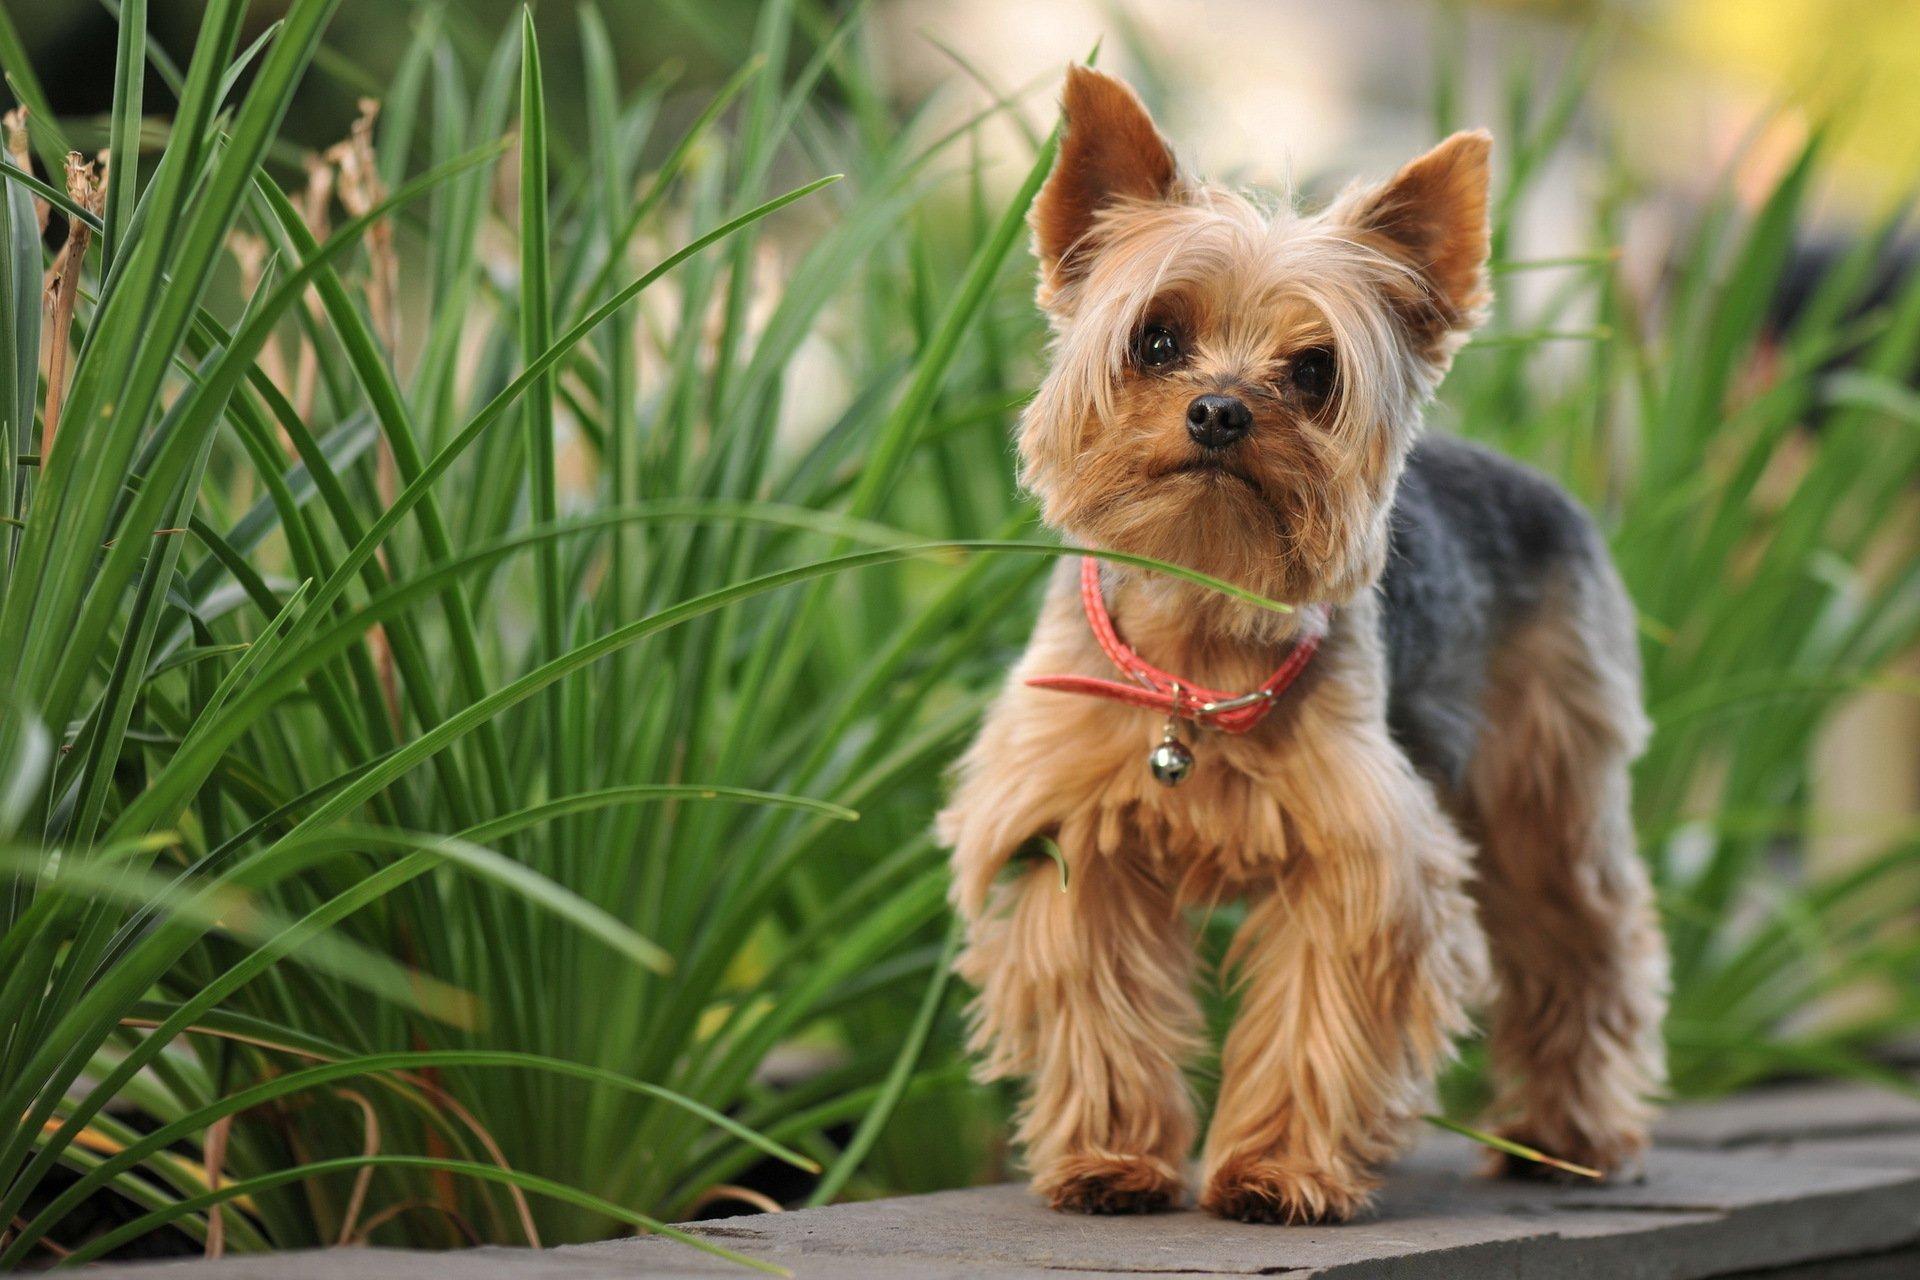 обычно порода собак йоркширский терьер фото довольно быстро, минут